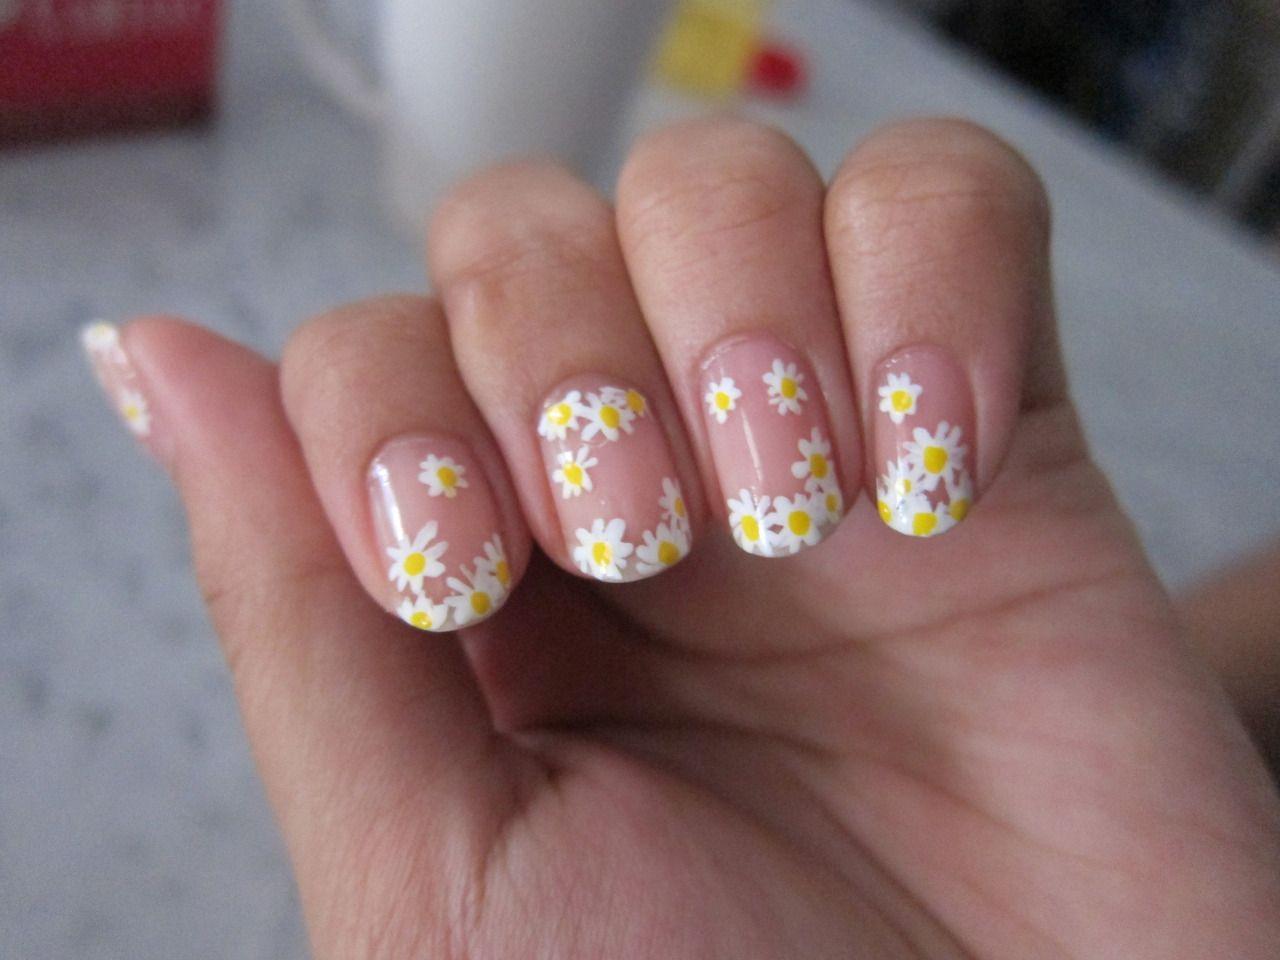 Daisy nails daisy nail art daisy nails nail art summer